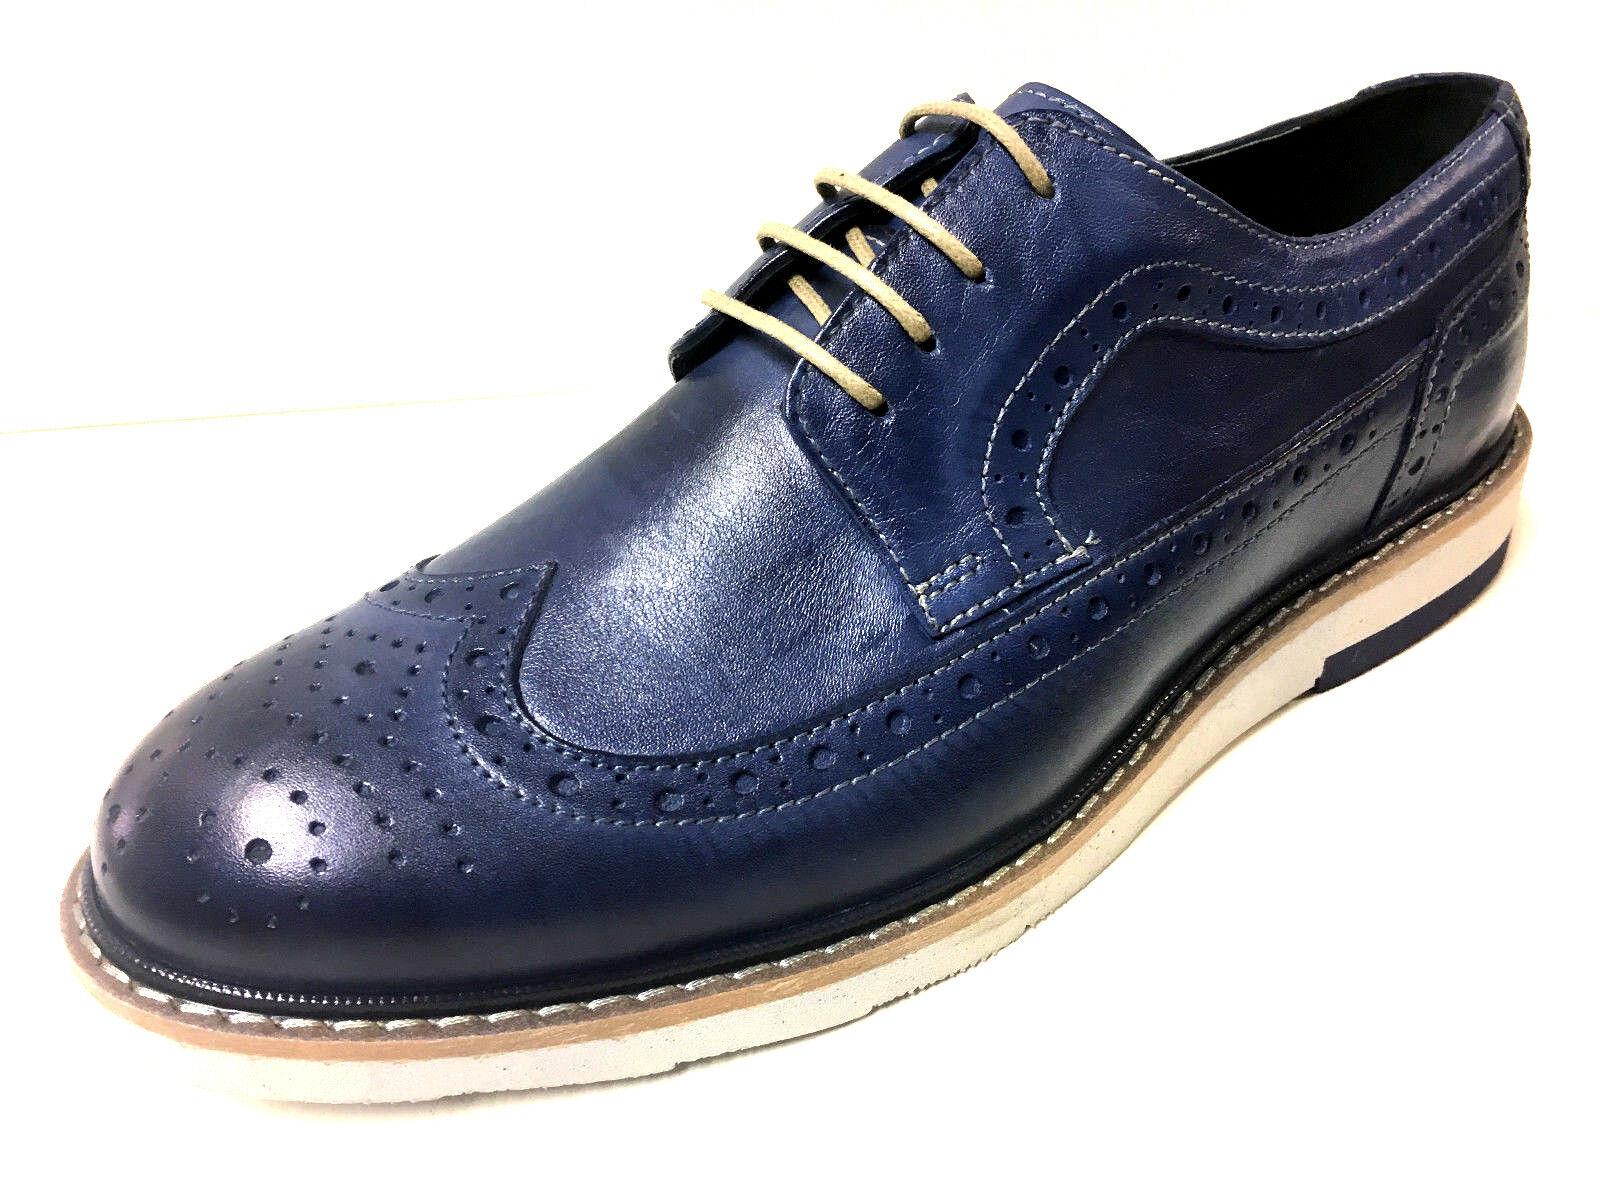 Nueva moda azul mocasin mocasín azul cuero Budapester caballero zapatos con cordones 41